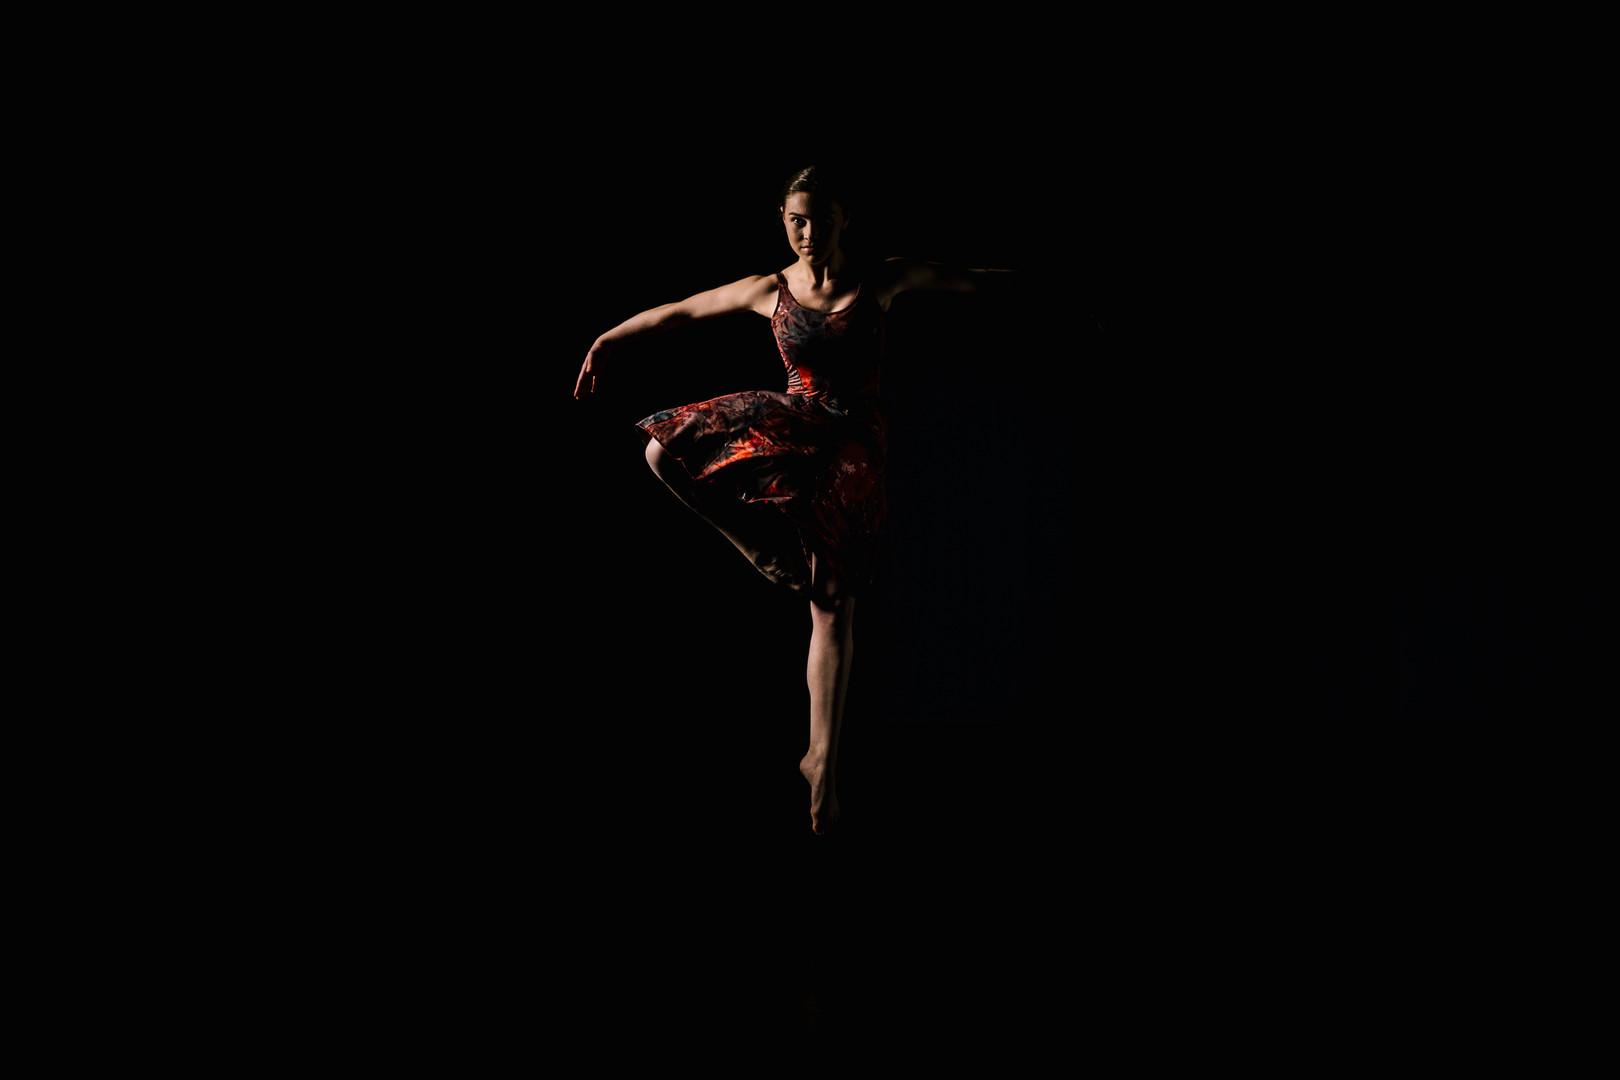 manchester-dance-photographer-38.jpg